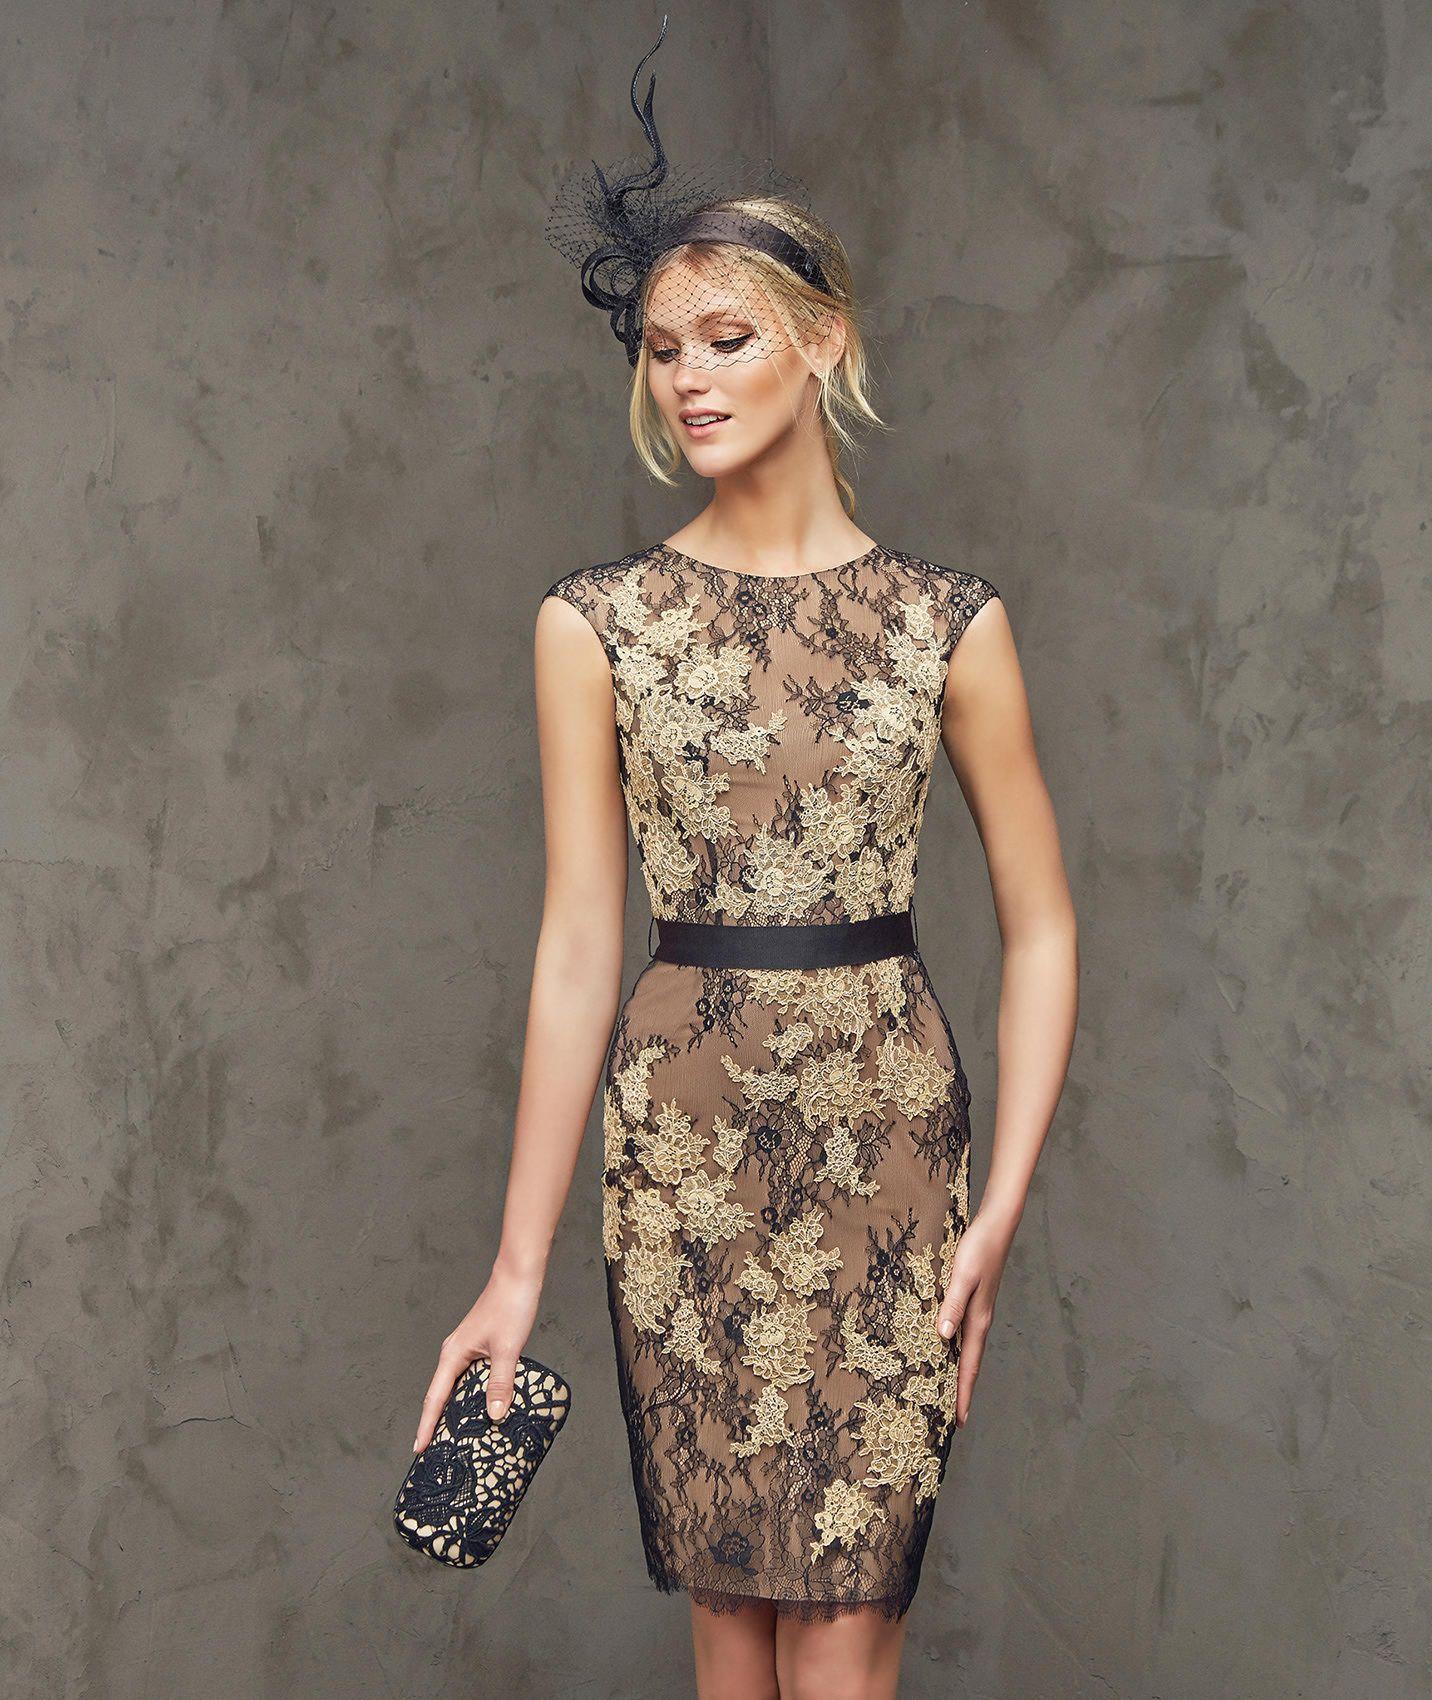 Kleid für die Trauzeugin kaufen: Tipps, Trends und Ideen | Chantilly ...